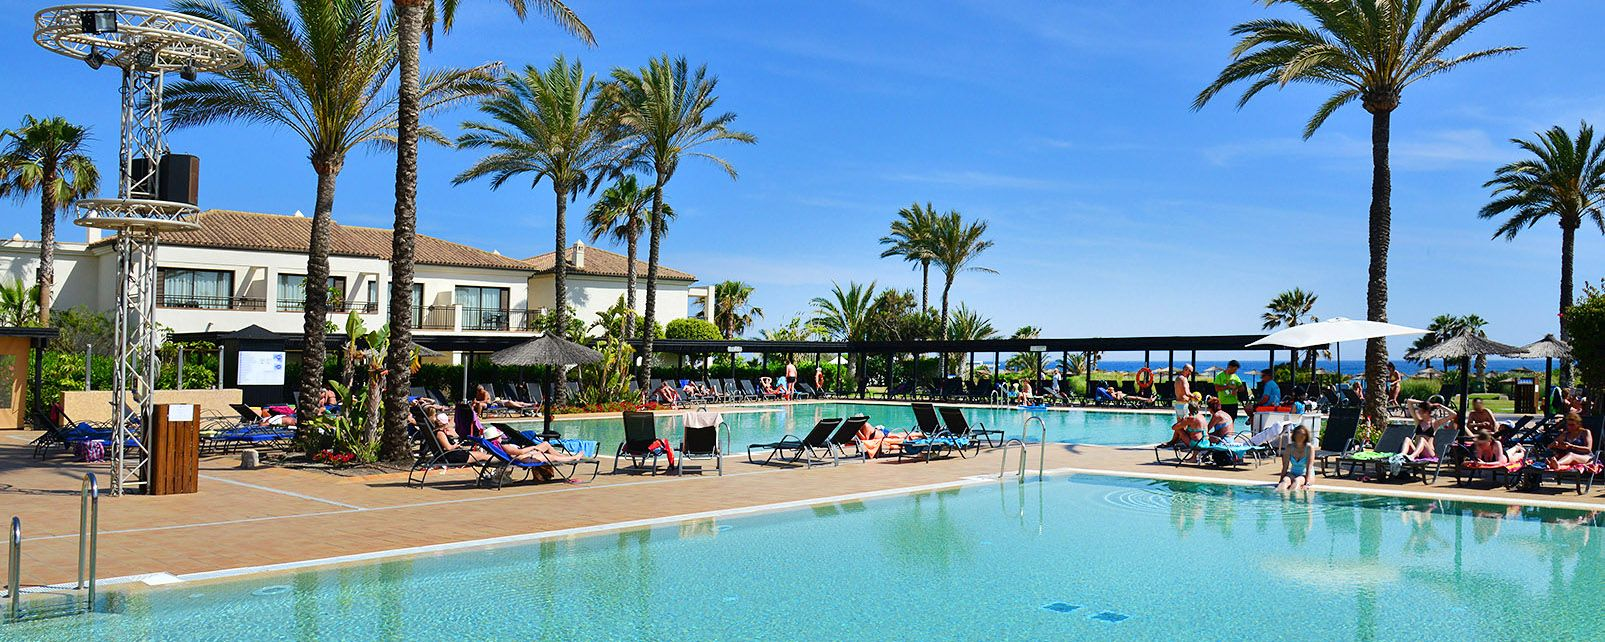 Kappa Club Playa Granada 4*